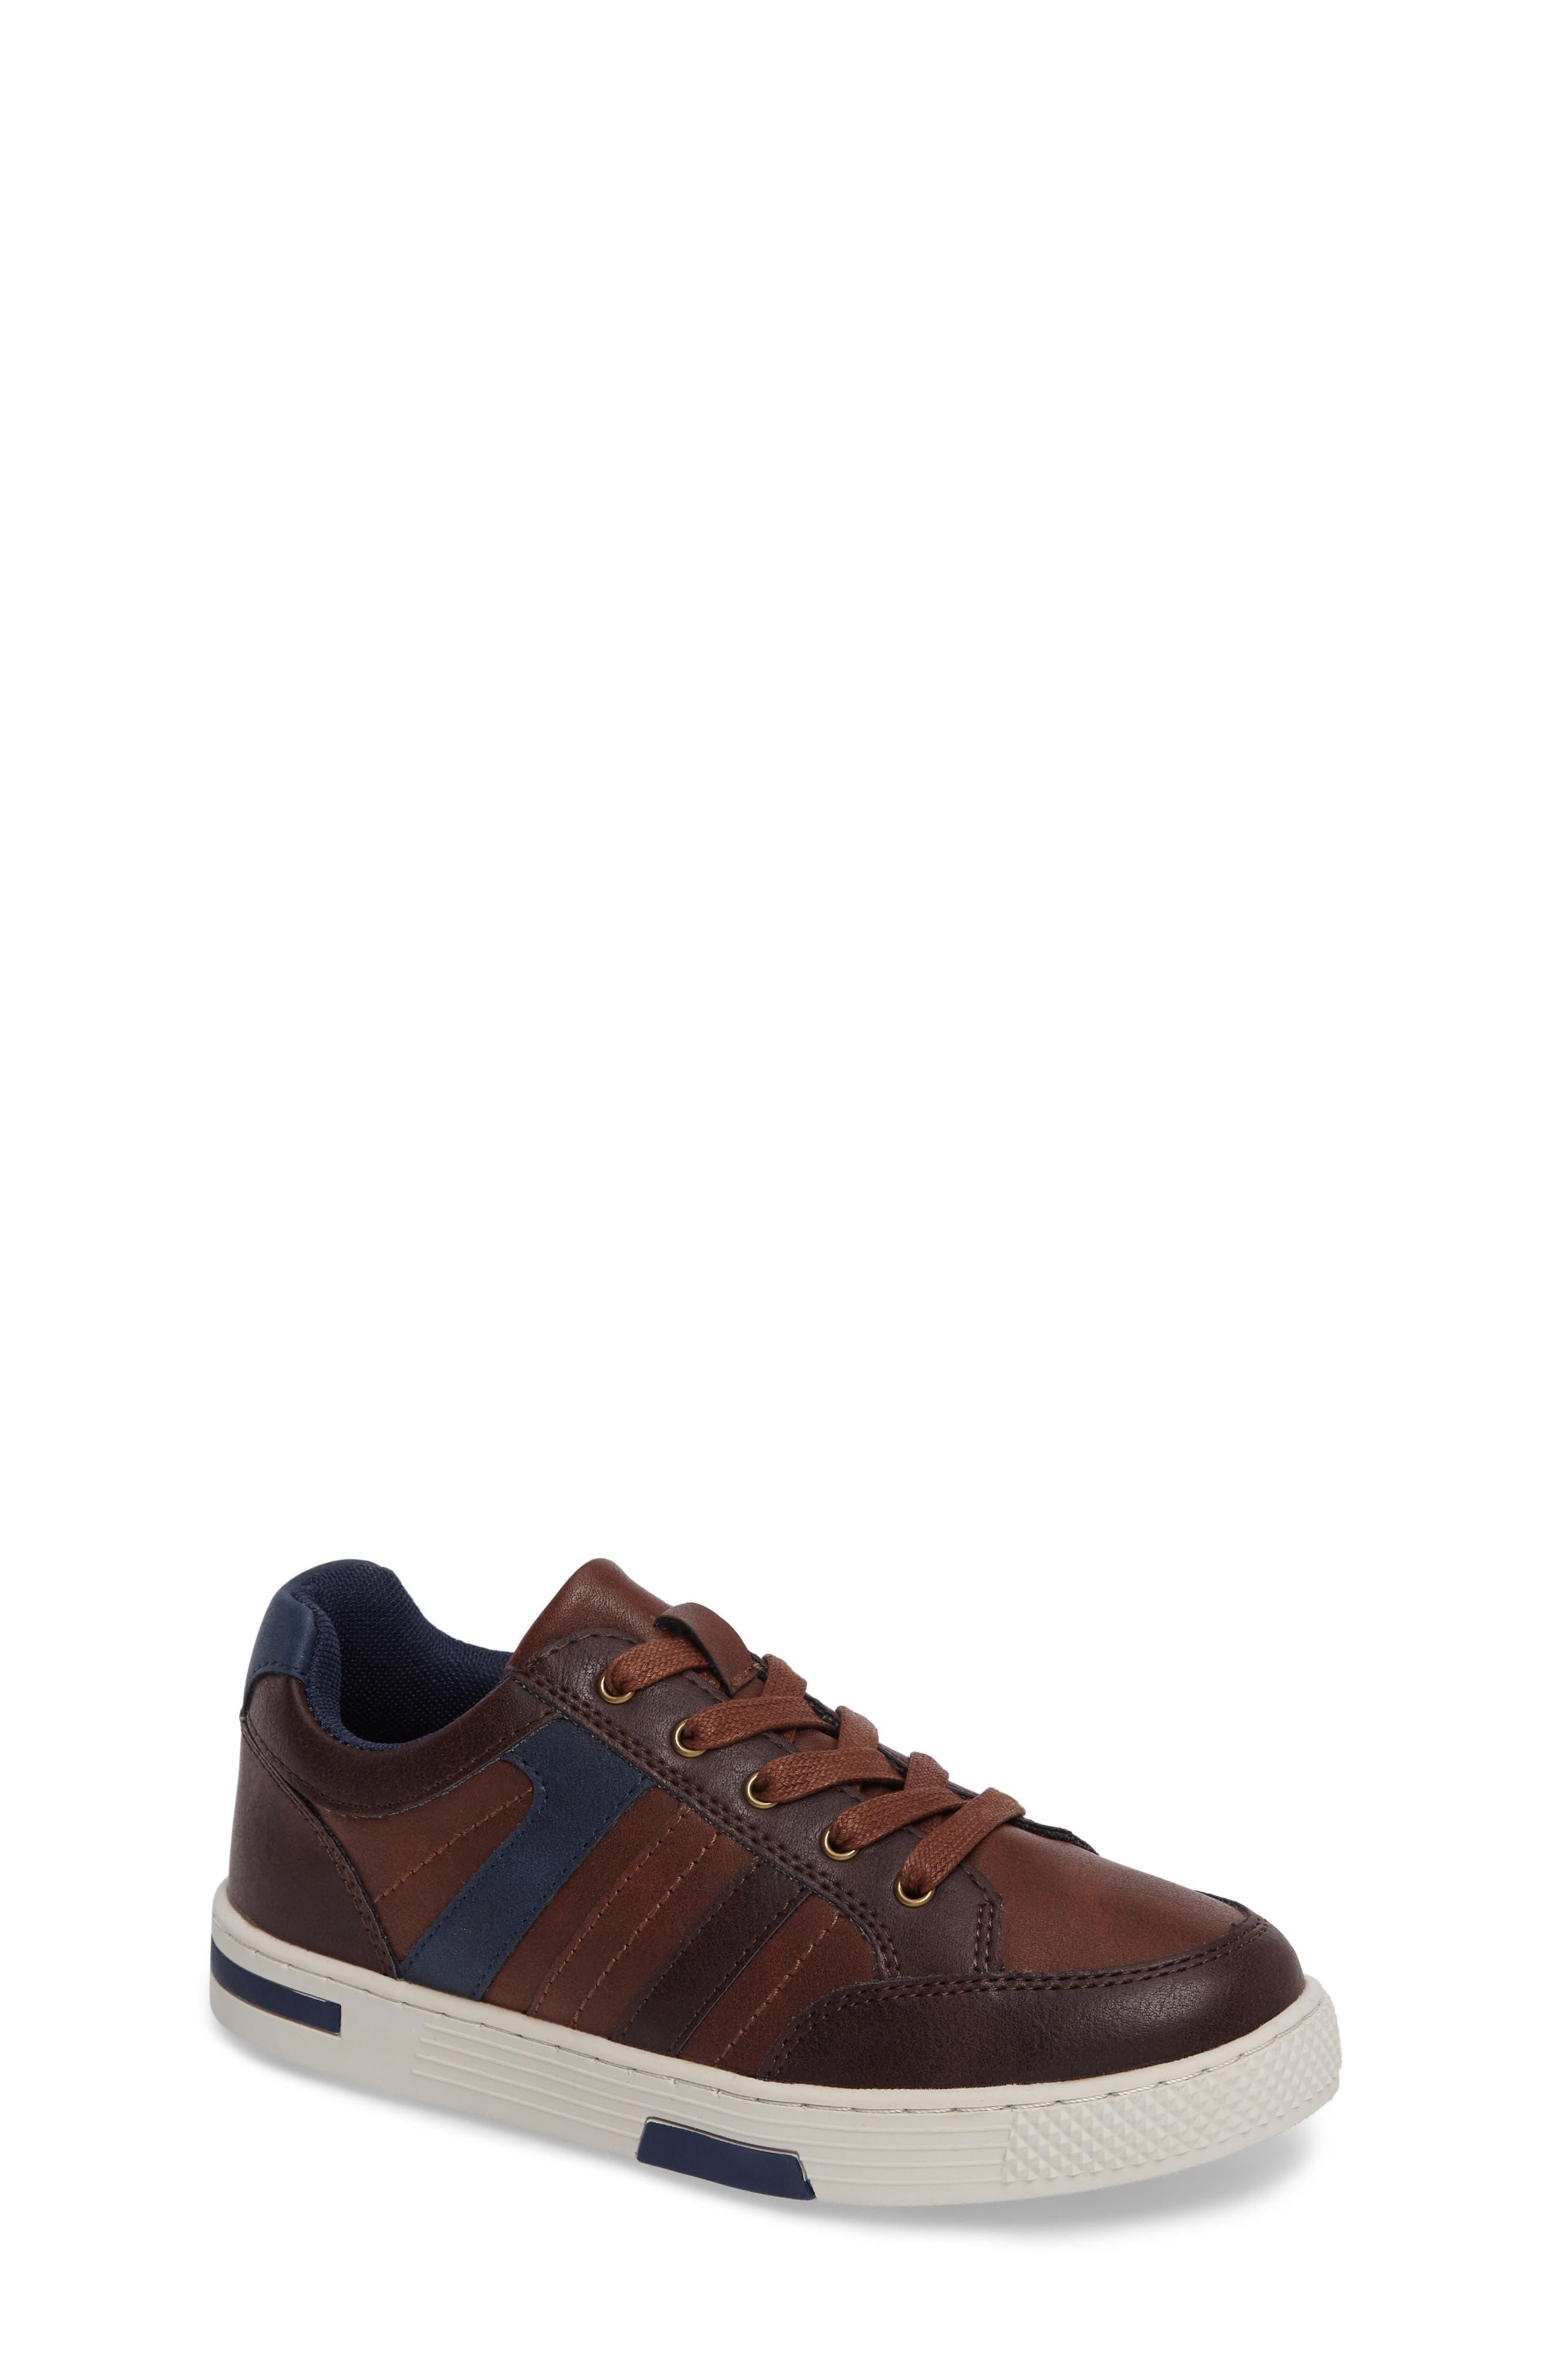 Trakk Sneaker,                         Main,                         color, Brown Multi